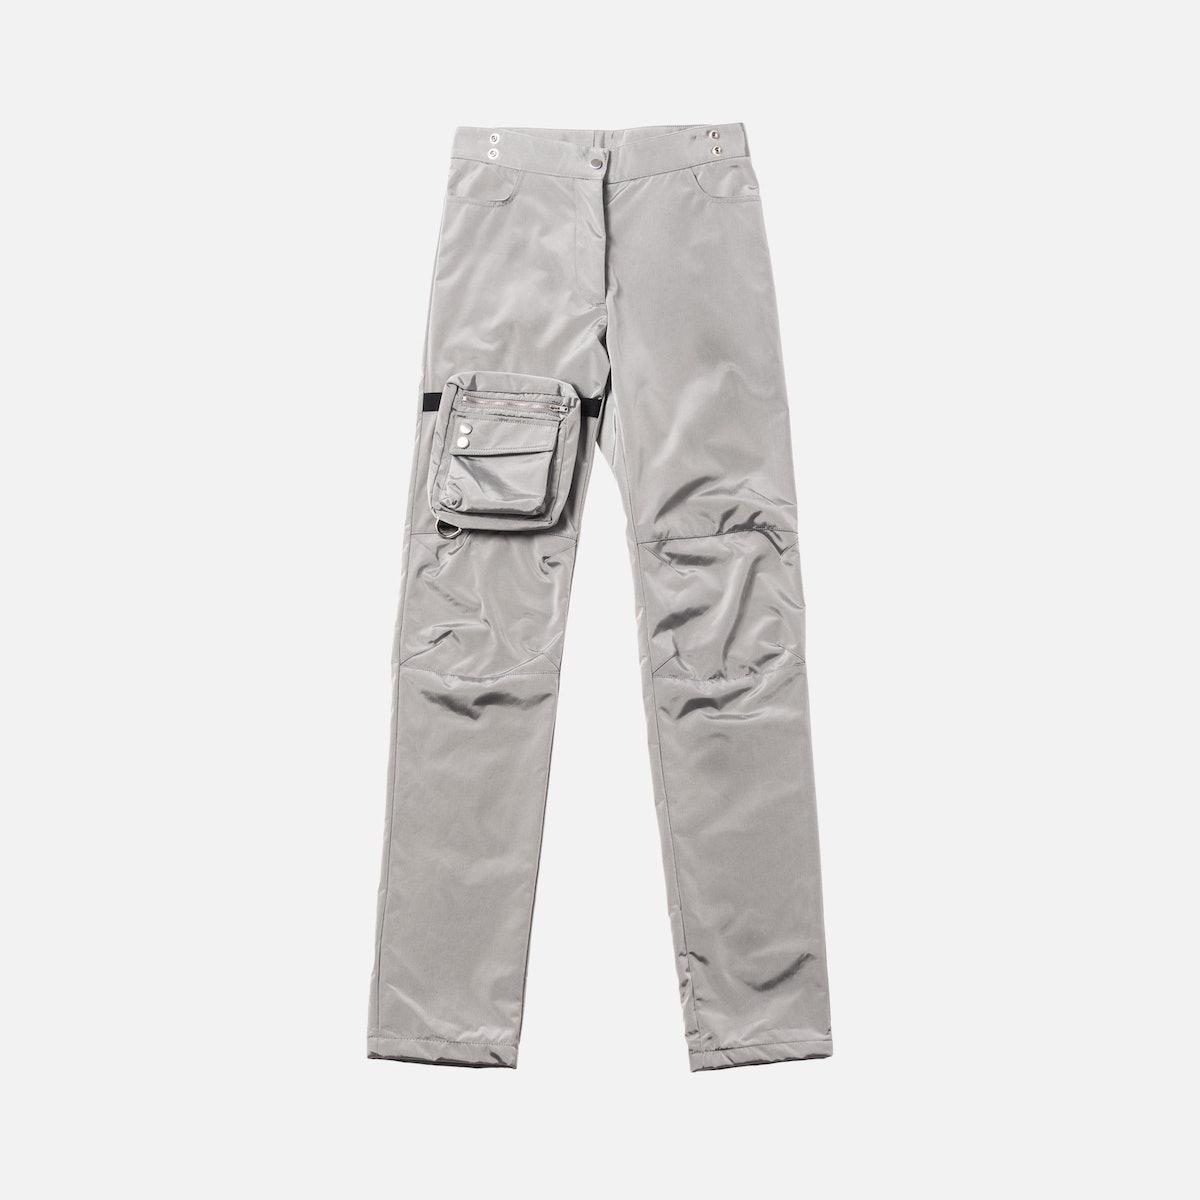 Silver Moon Pants